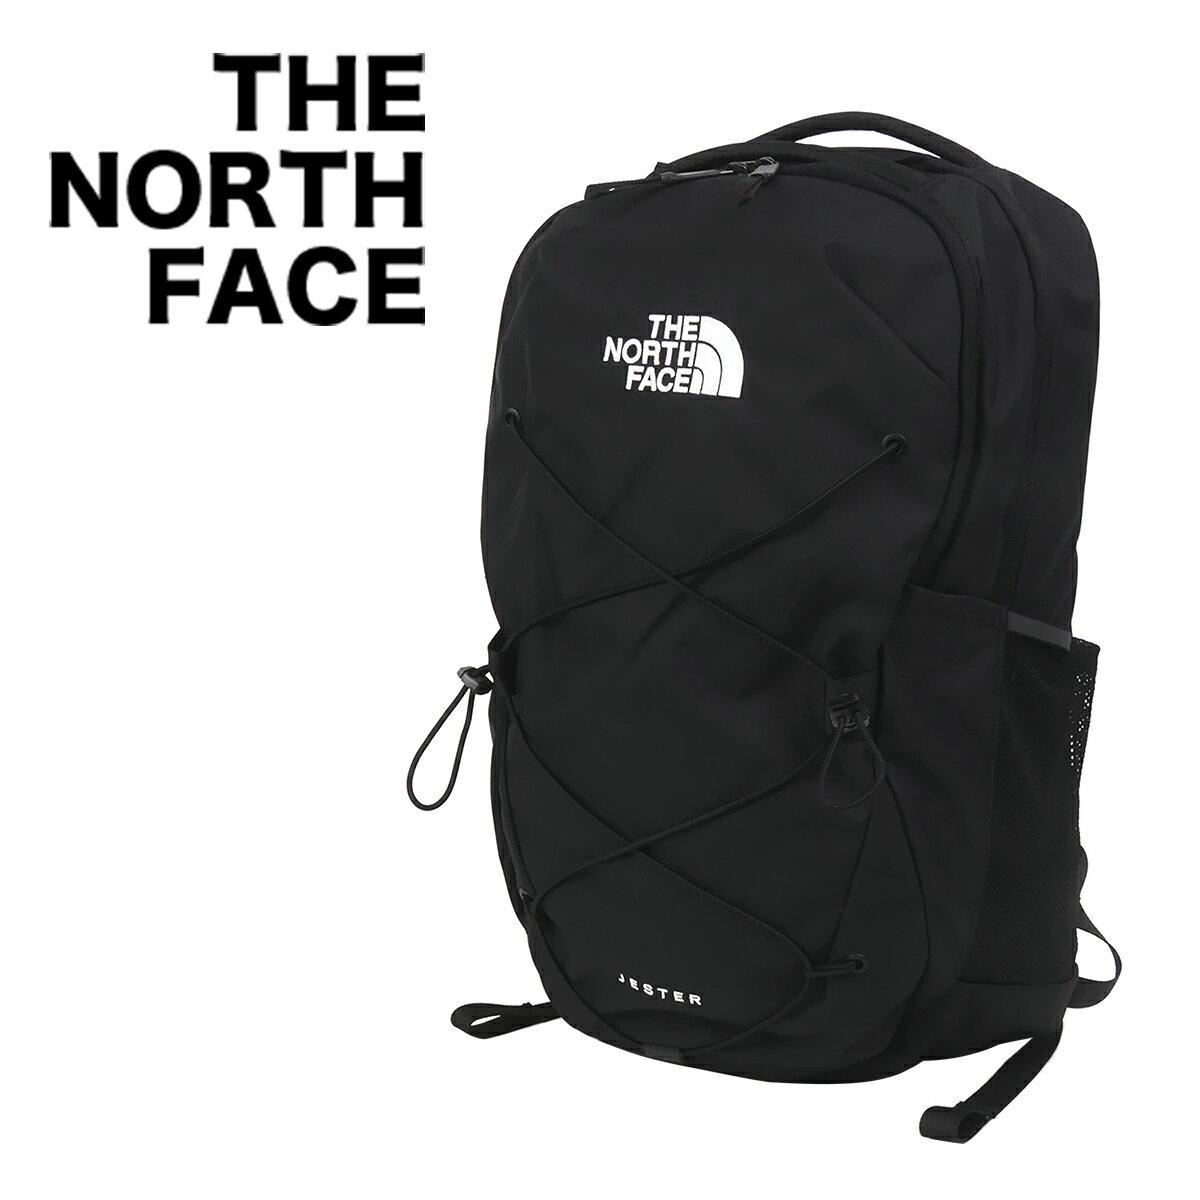 ノースフェイス リュック THE NORTH FACE バックパック JESTER(ジェスター) BLACK メンズ レディース【北海道・沖縄は別途540円加算】